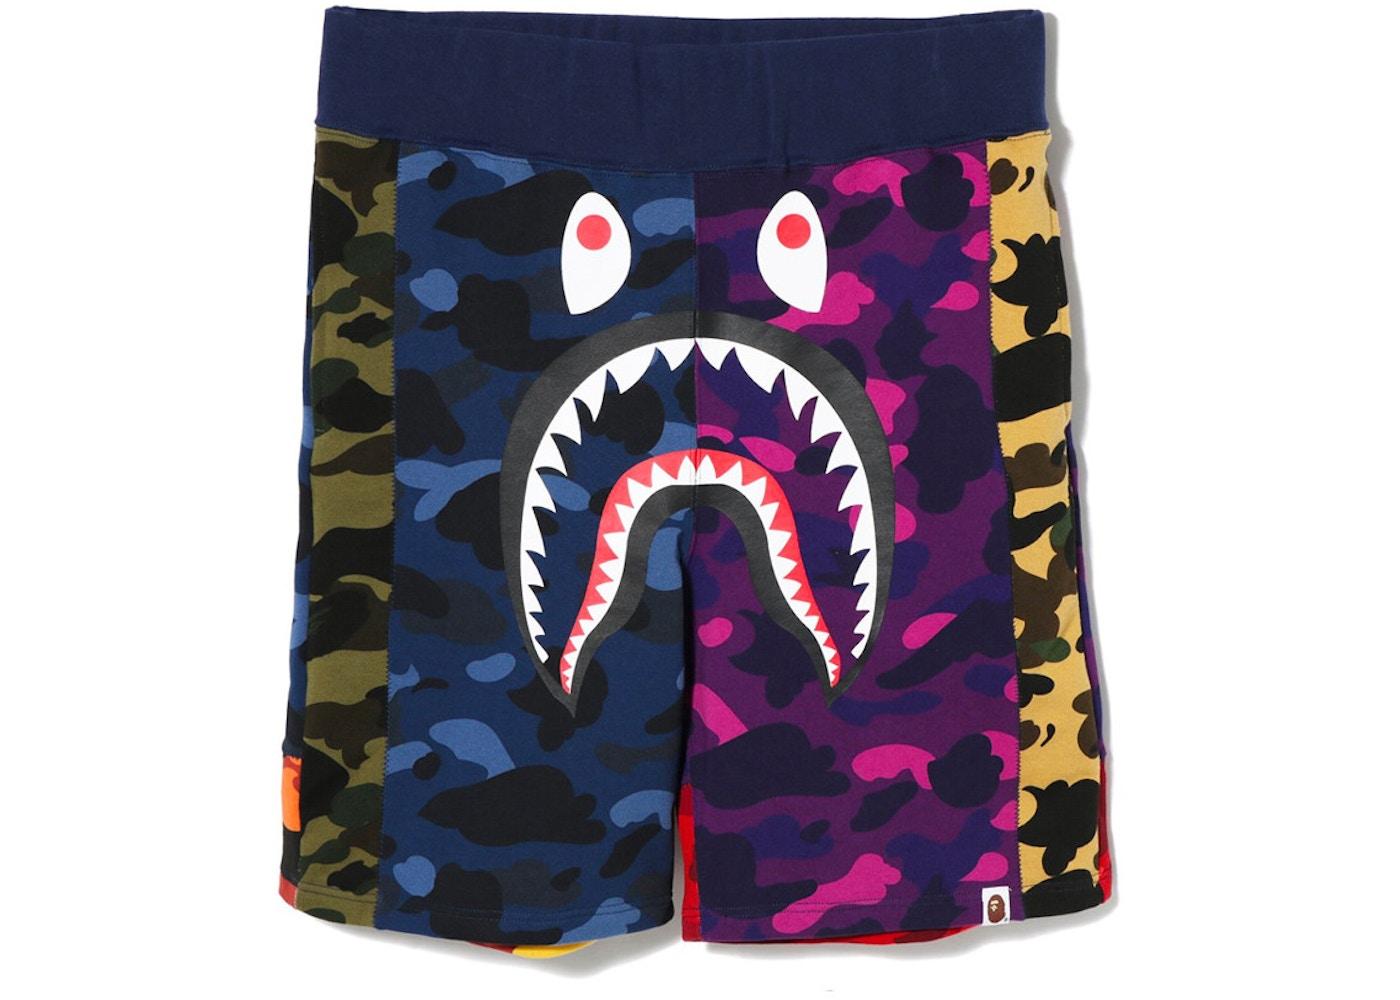 0e6087d65ddb BAPE Mix Camo Shark Shorts Multi - FW18